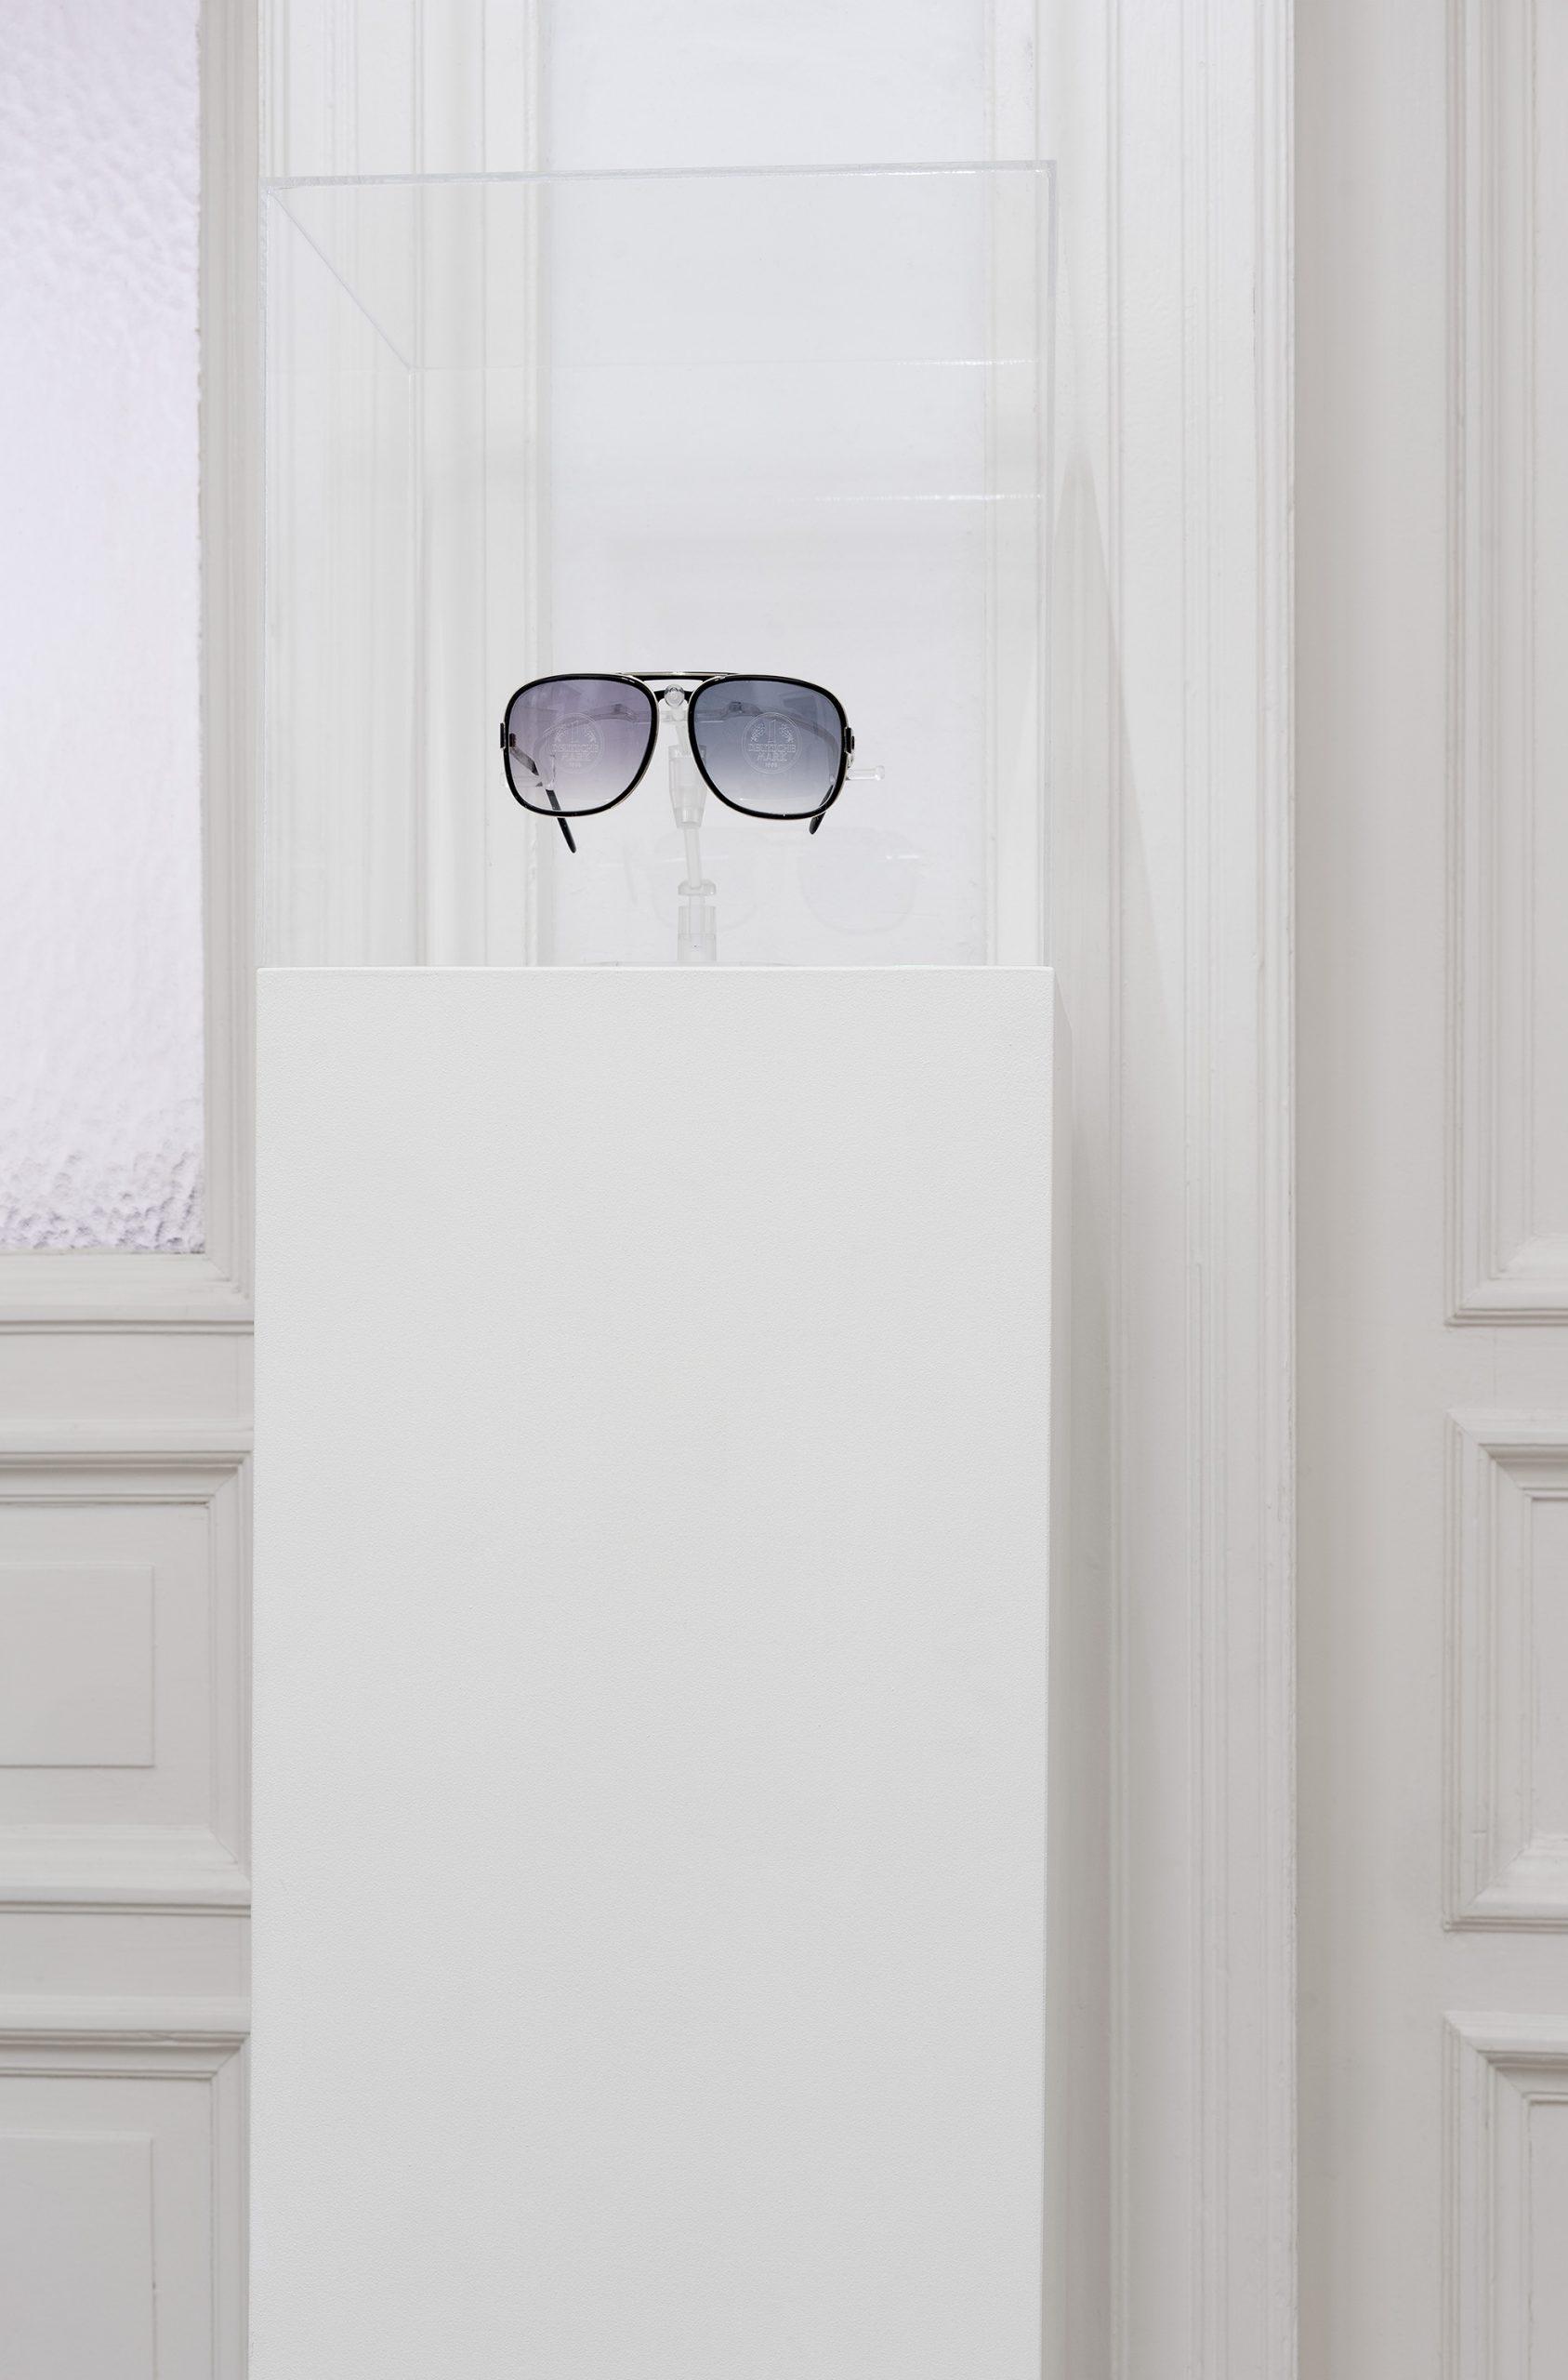 Nicholas Warburg DIE ATOMBOMBE UNTER DEN WÄHRUNGEN 2020 30x30x100 cm 1 DM glasses on plinth